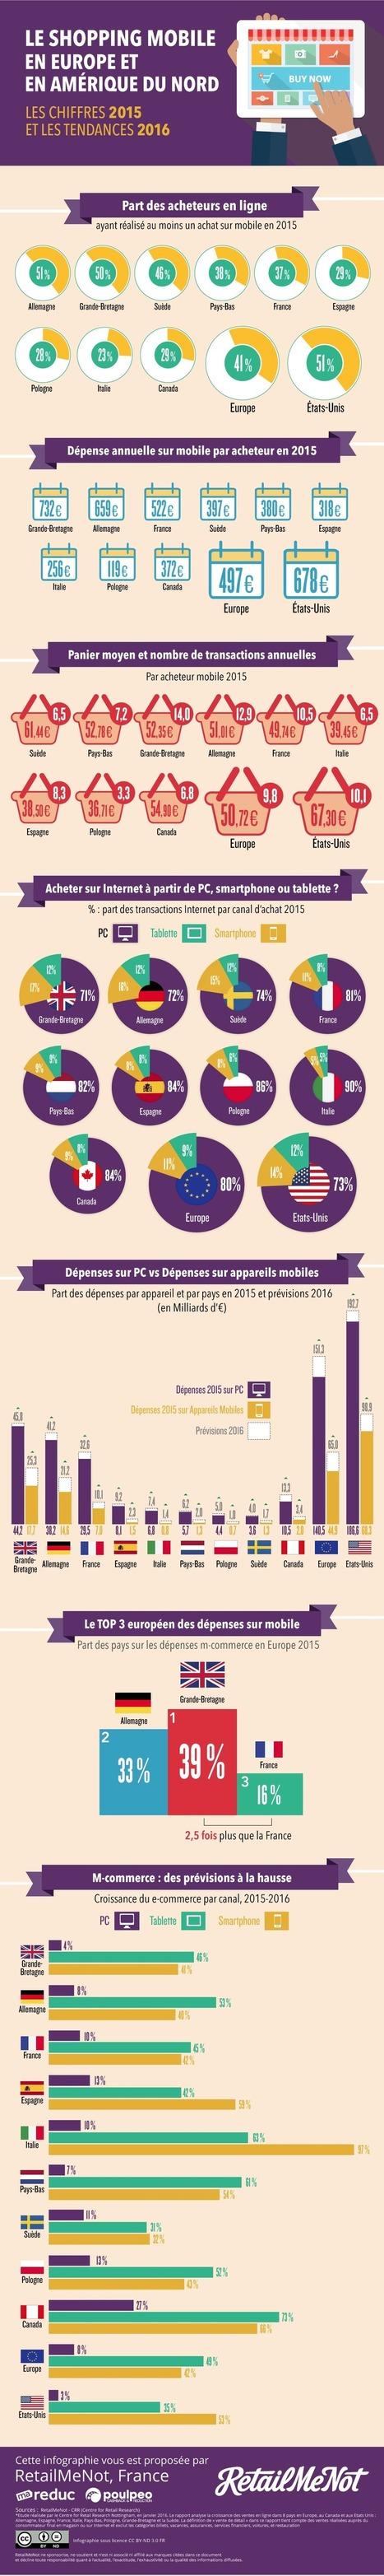 E-commerce | Le shopping mobile en Europe et aux USA - Février 2016 (infographie RetailMeNot) | Webmarketing infographics - La French Touch digitale en images | Scoop.it